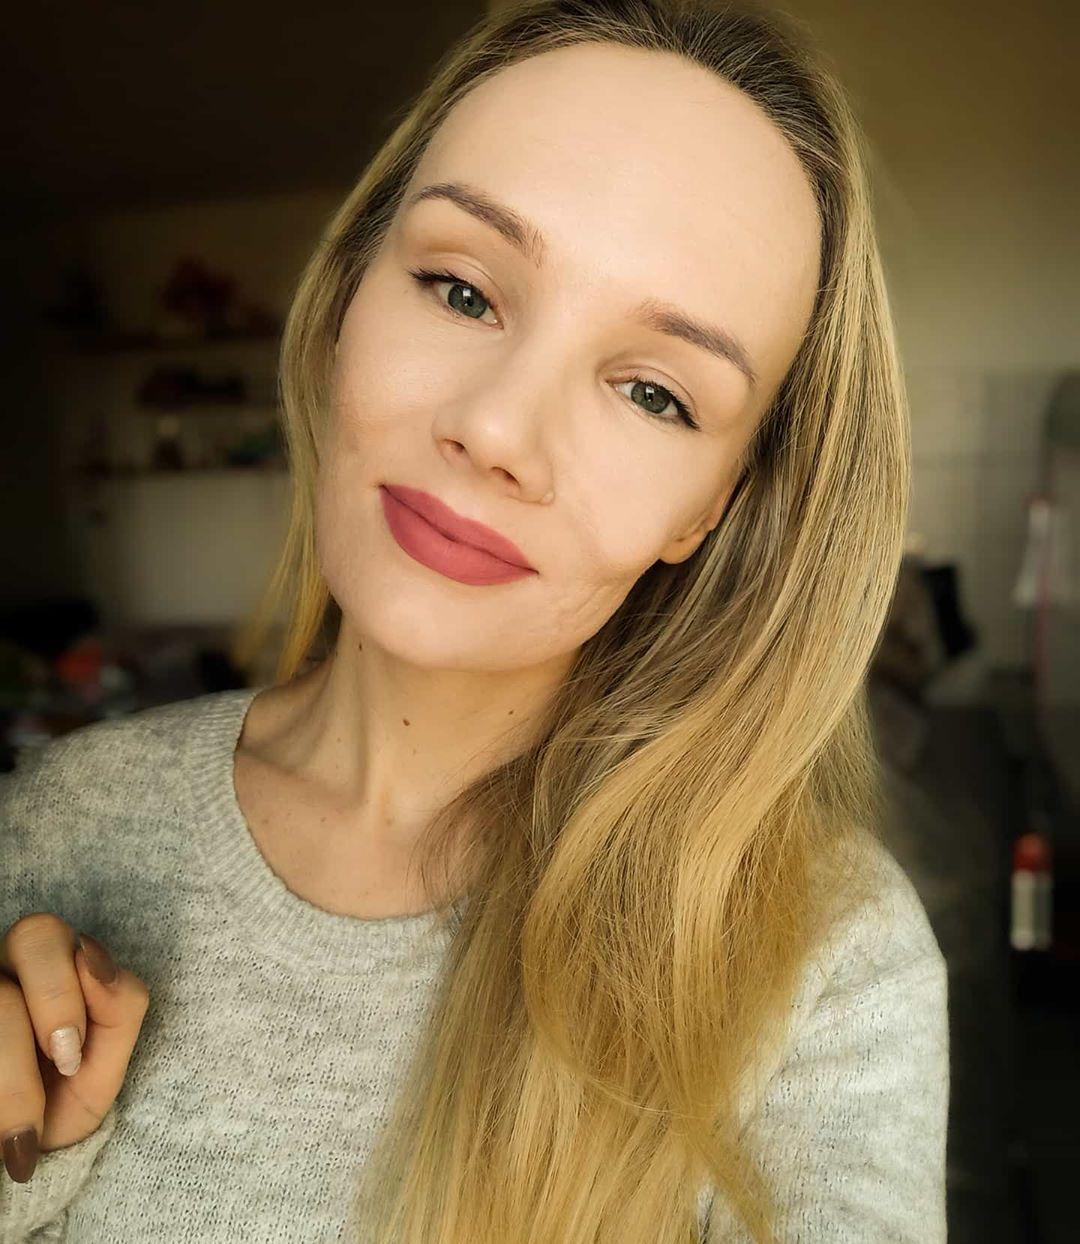 ☀️☀️🤗 Jaram się, bo jutro pierwszy raz w życiu zobaczę Tatry. Czy tylko mnie jeszcze nie było w Zakopanem? 😅 Co warto zobaczyć i oczywiście zjeść w tych okolicach? #dietetyk #dieta #fitness #gymgirl #gymmotivation #dietetyka #dieting #dietetykpoznan #dietetykpolska #diettips #dietitian #dietfood #dietlife